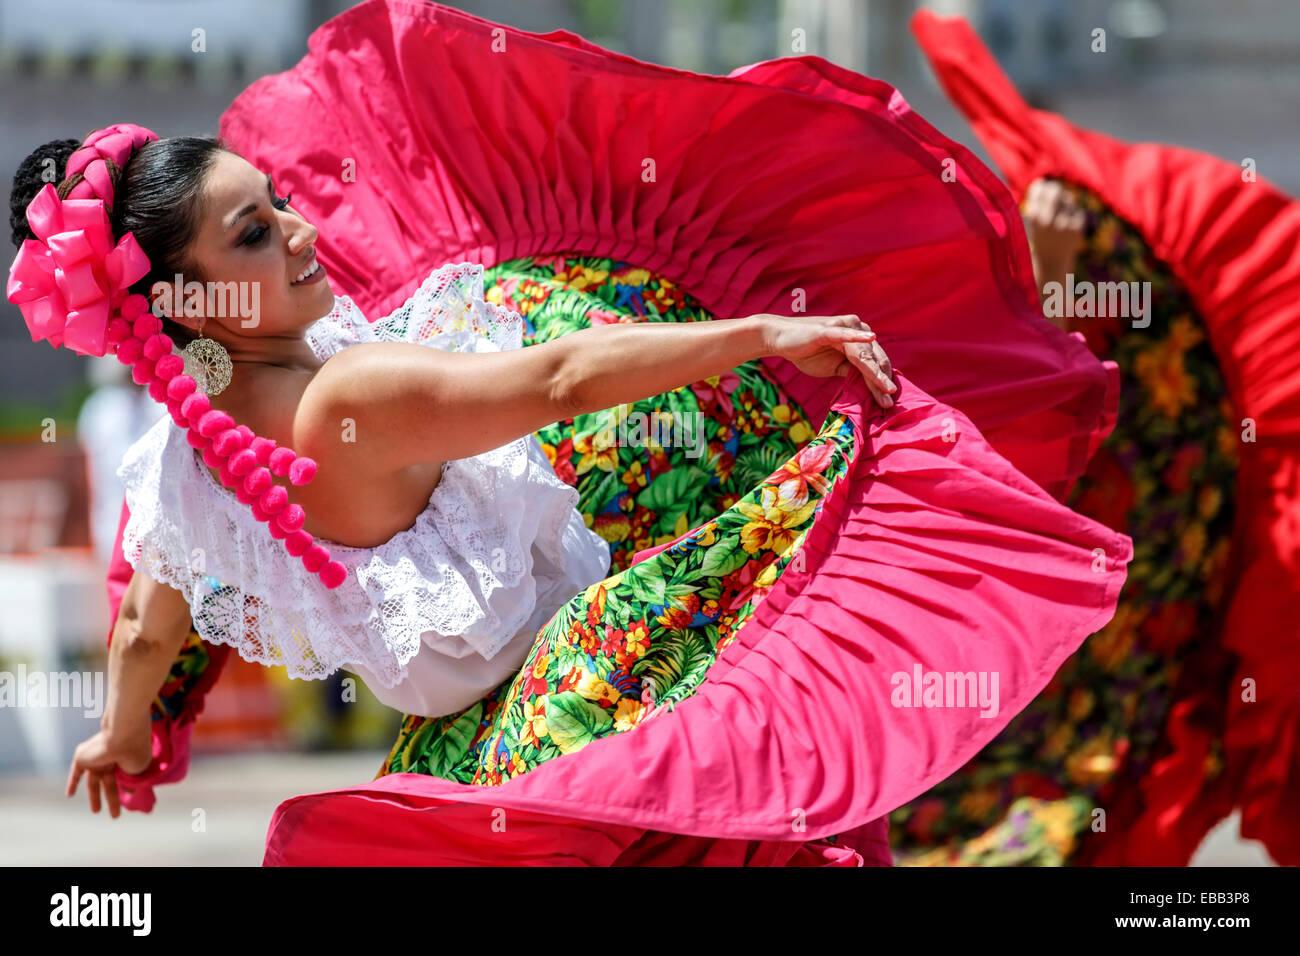 Danseuse mexicaine, célébration de Cinco de Mayo, Civic Center Park, Denver, Colorado USA Banque D'Images